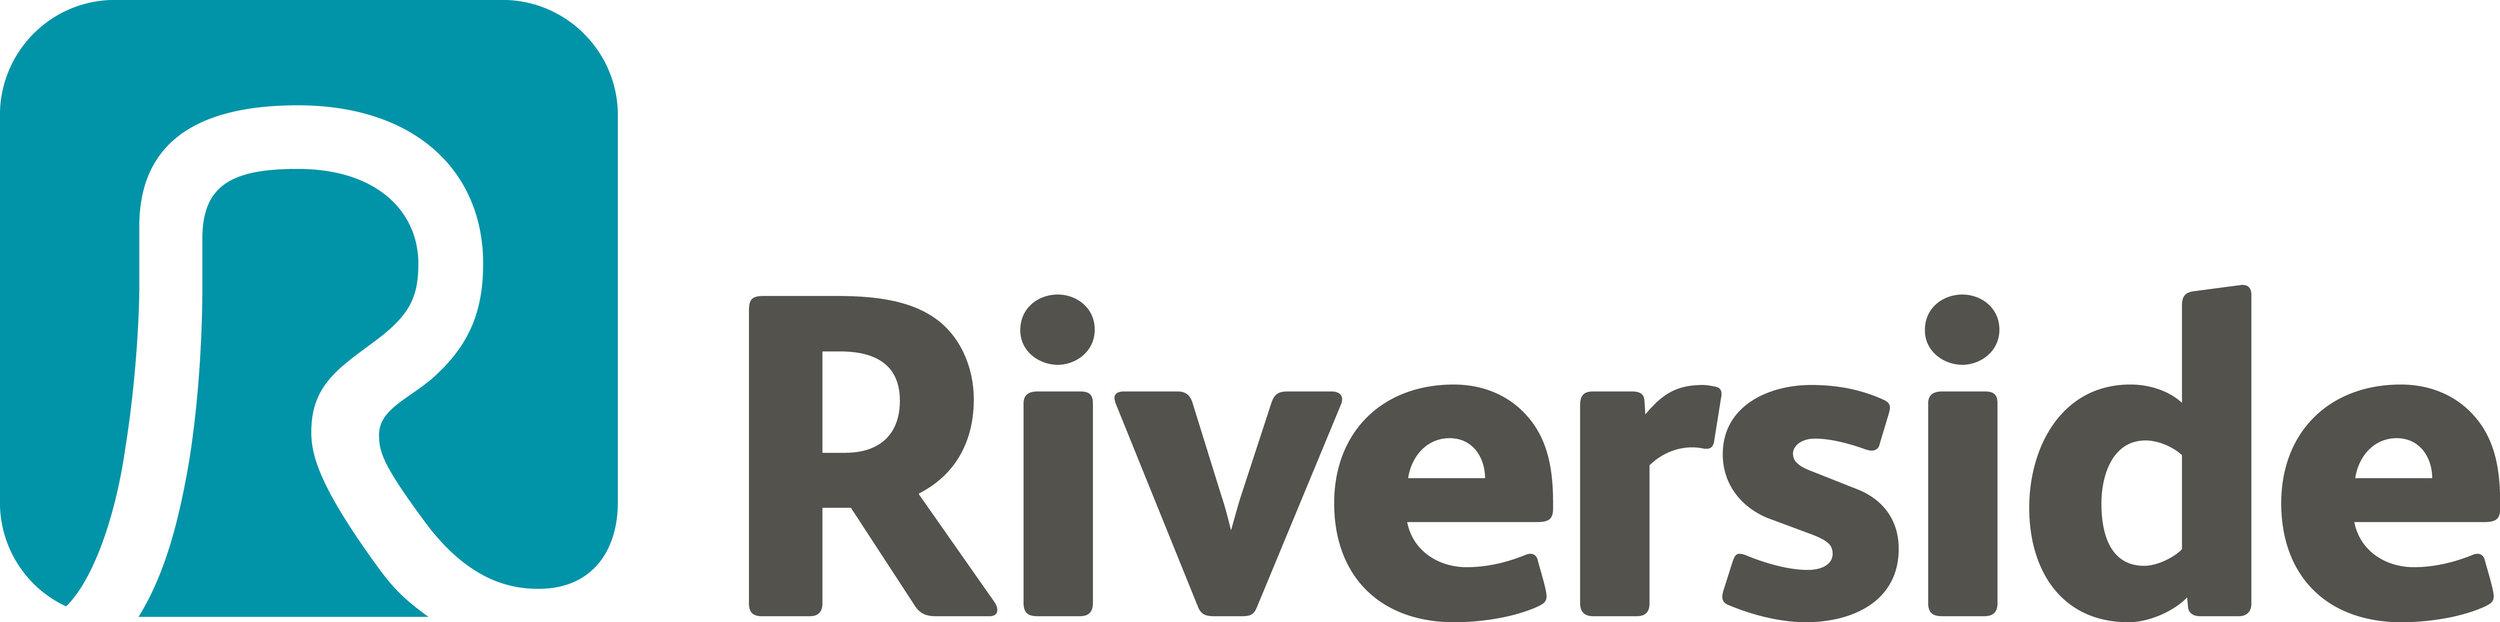 Riverside-Group.jpg